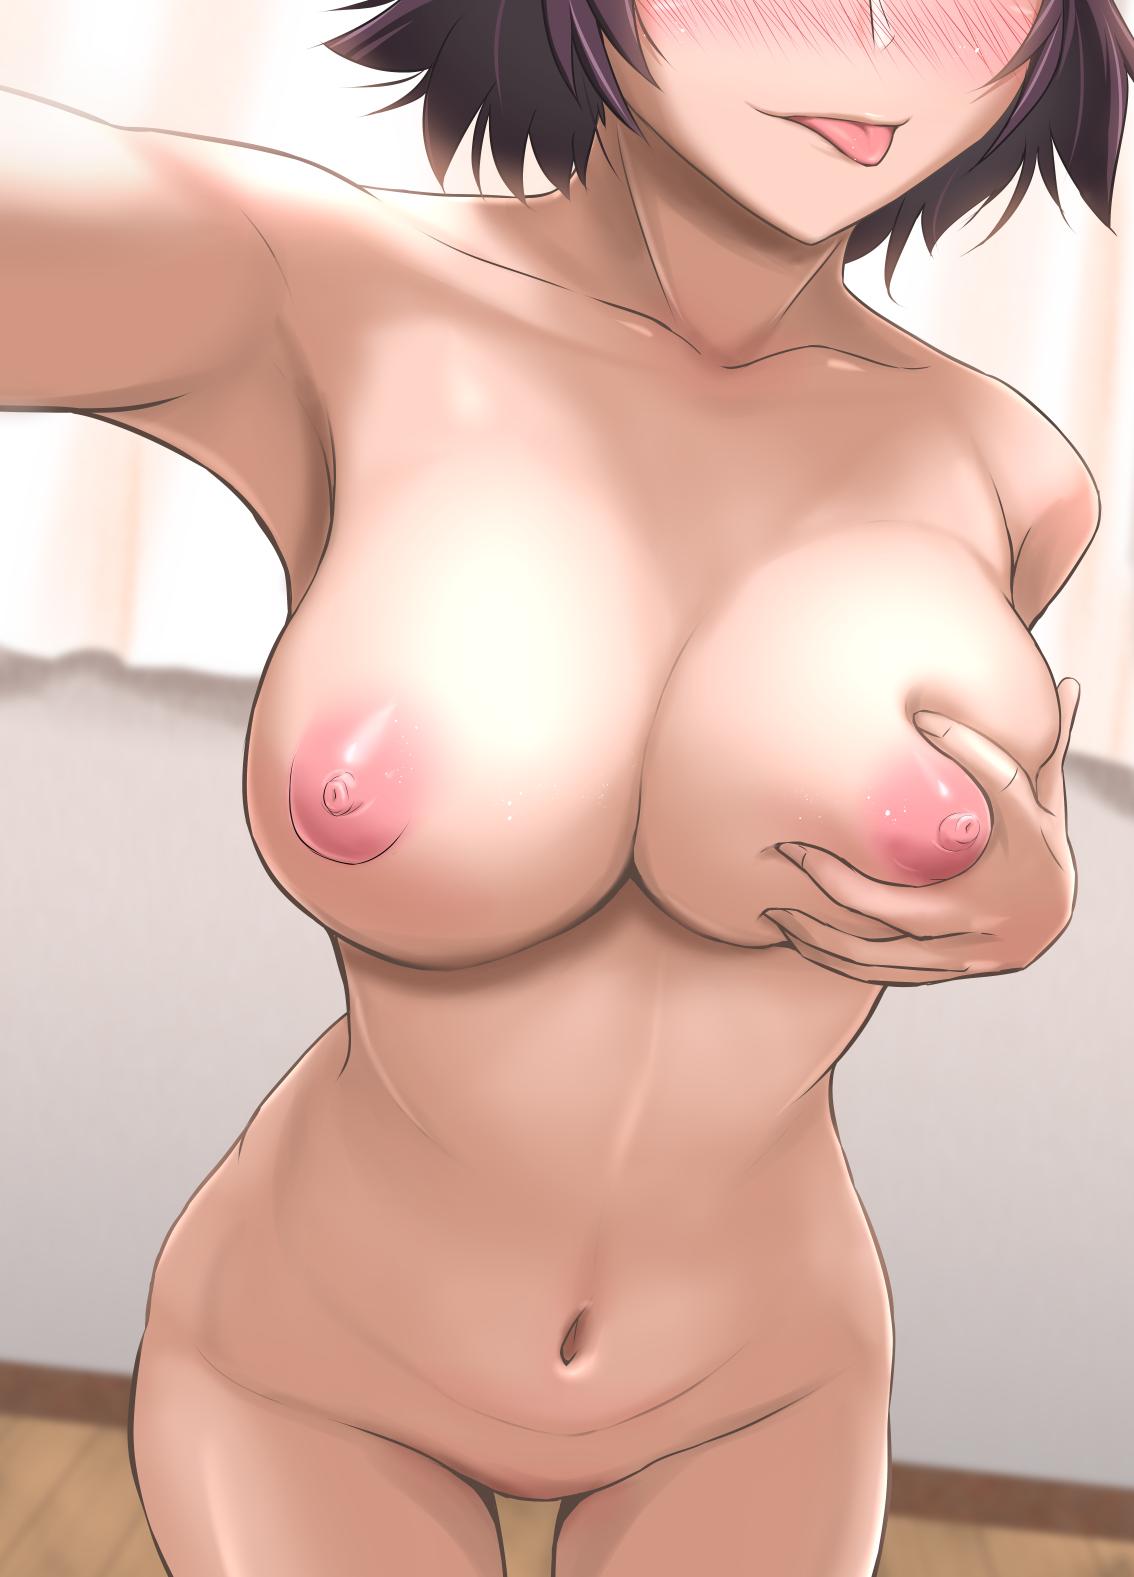 目を奪われる乳首・乳輪・乳頭 6度見 [無断転載禁止]©bbspink.com->画像>262枚